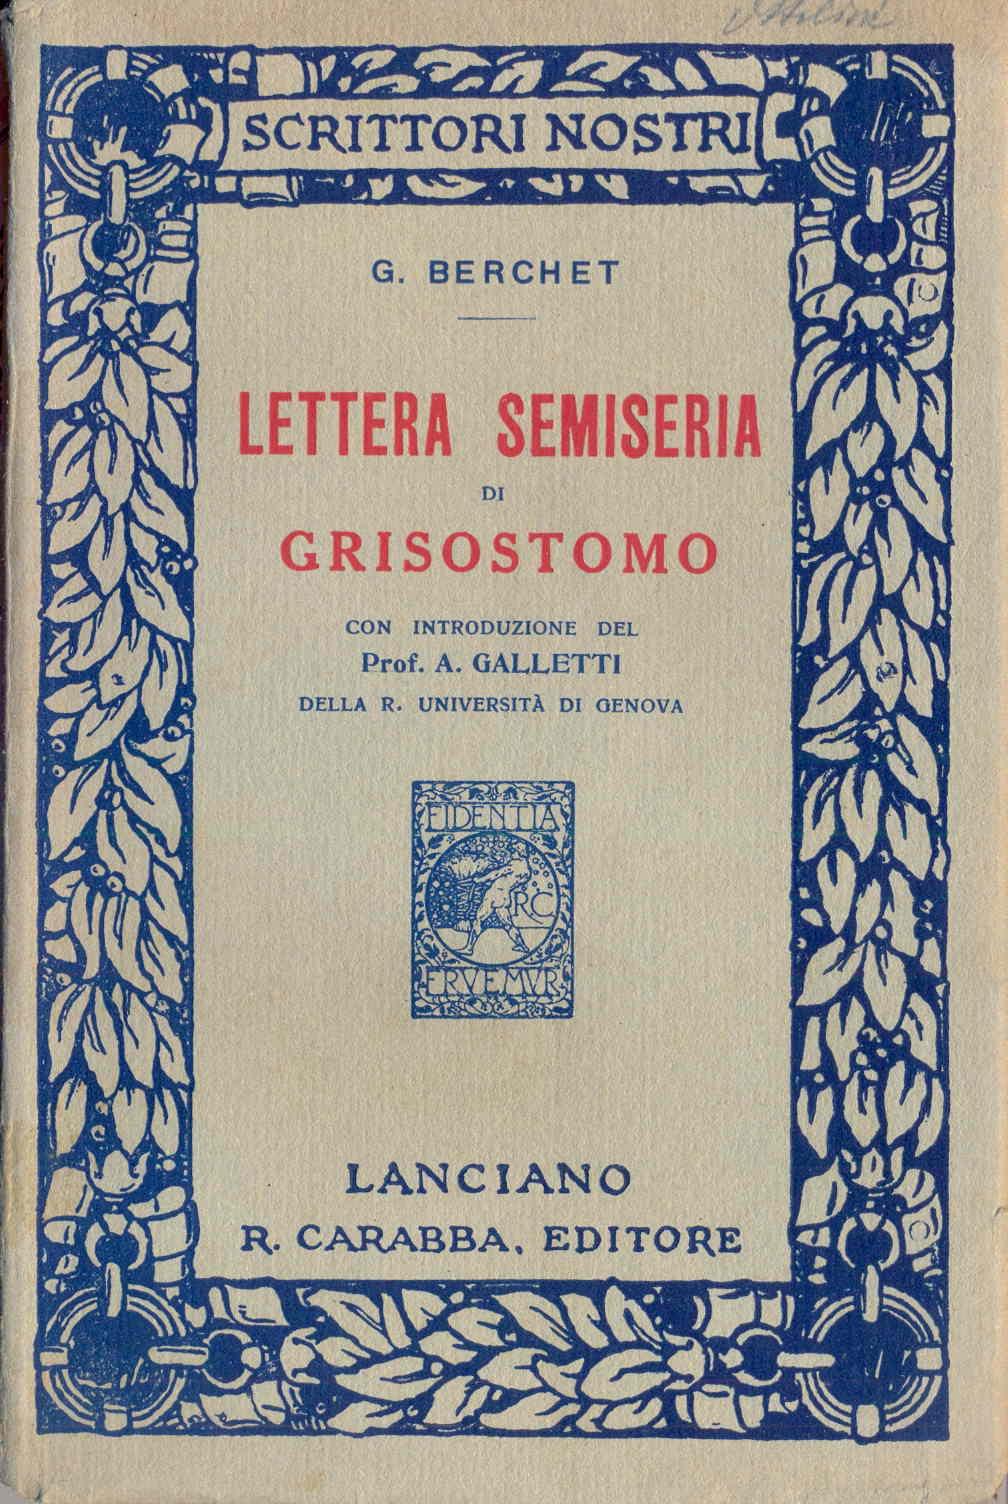 Lettera semiseria di Grisostomo